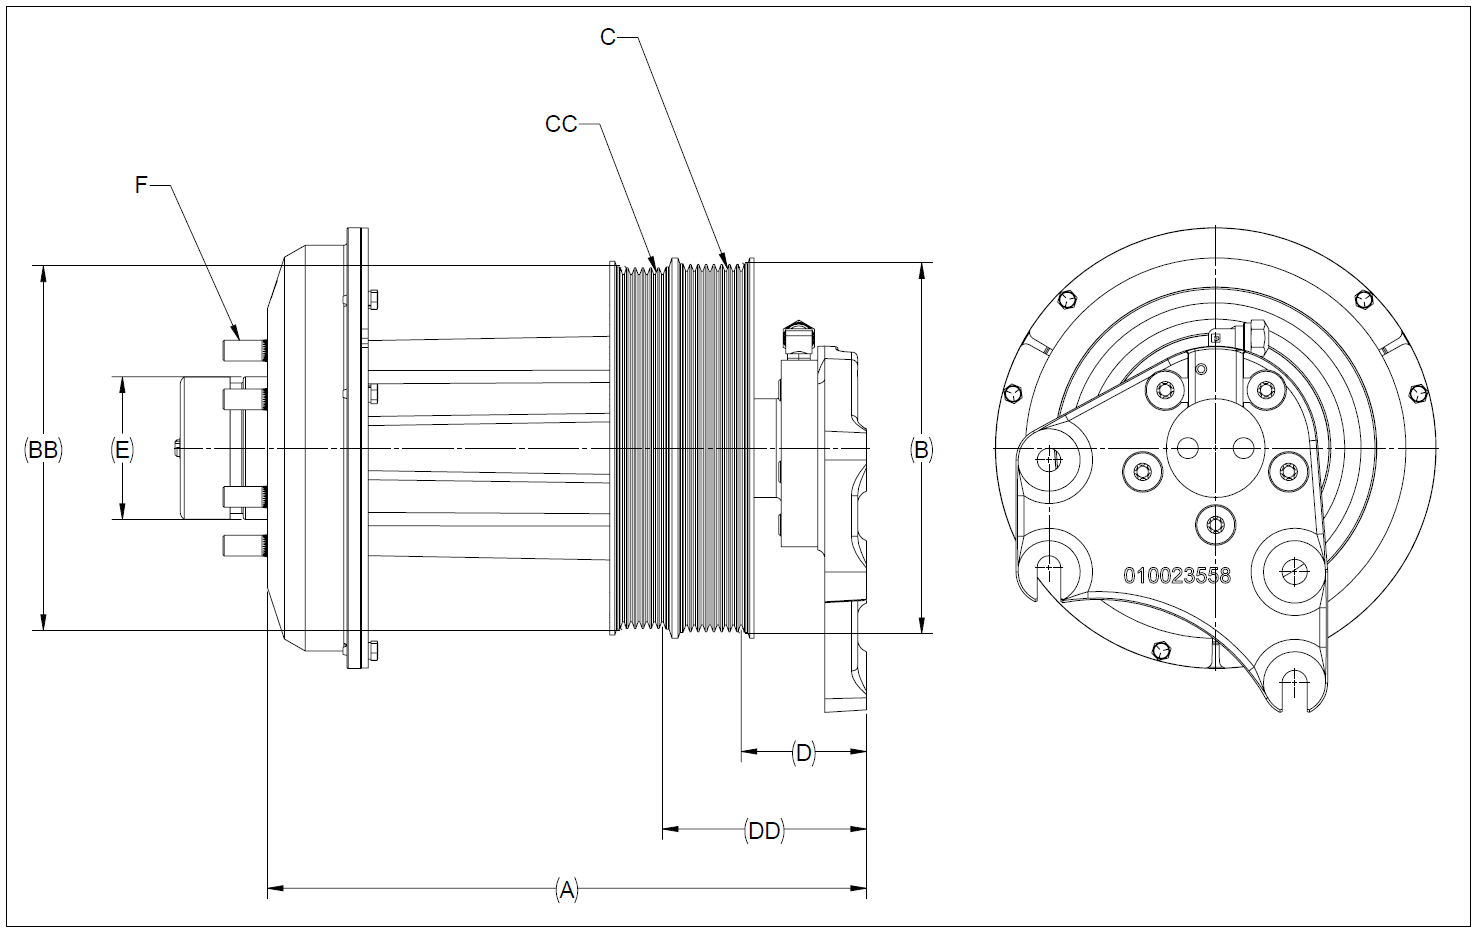 010026513 K32 Rear Air Fan Drive Assembly